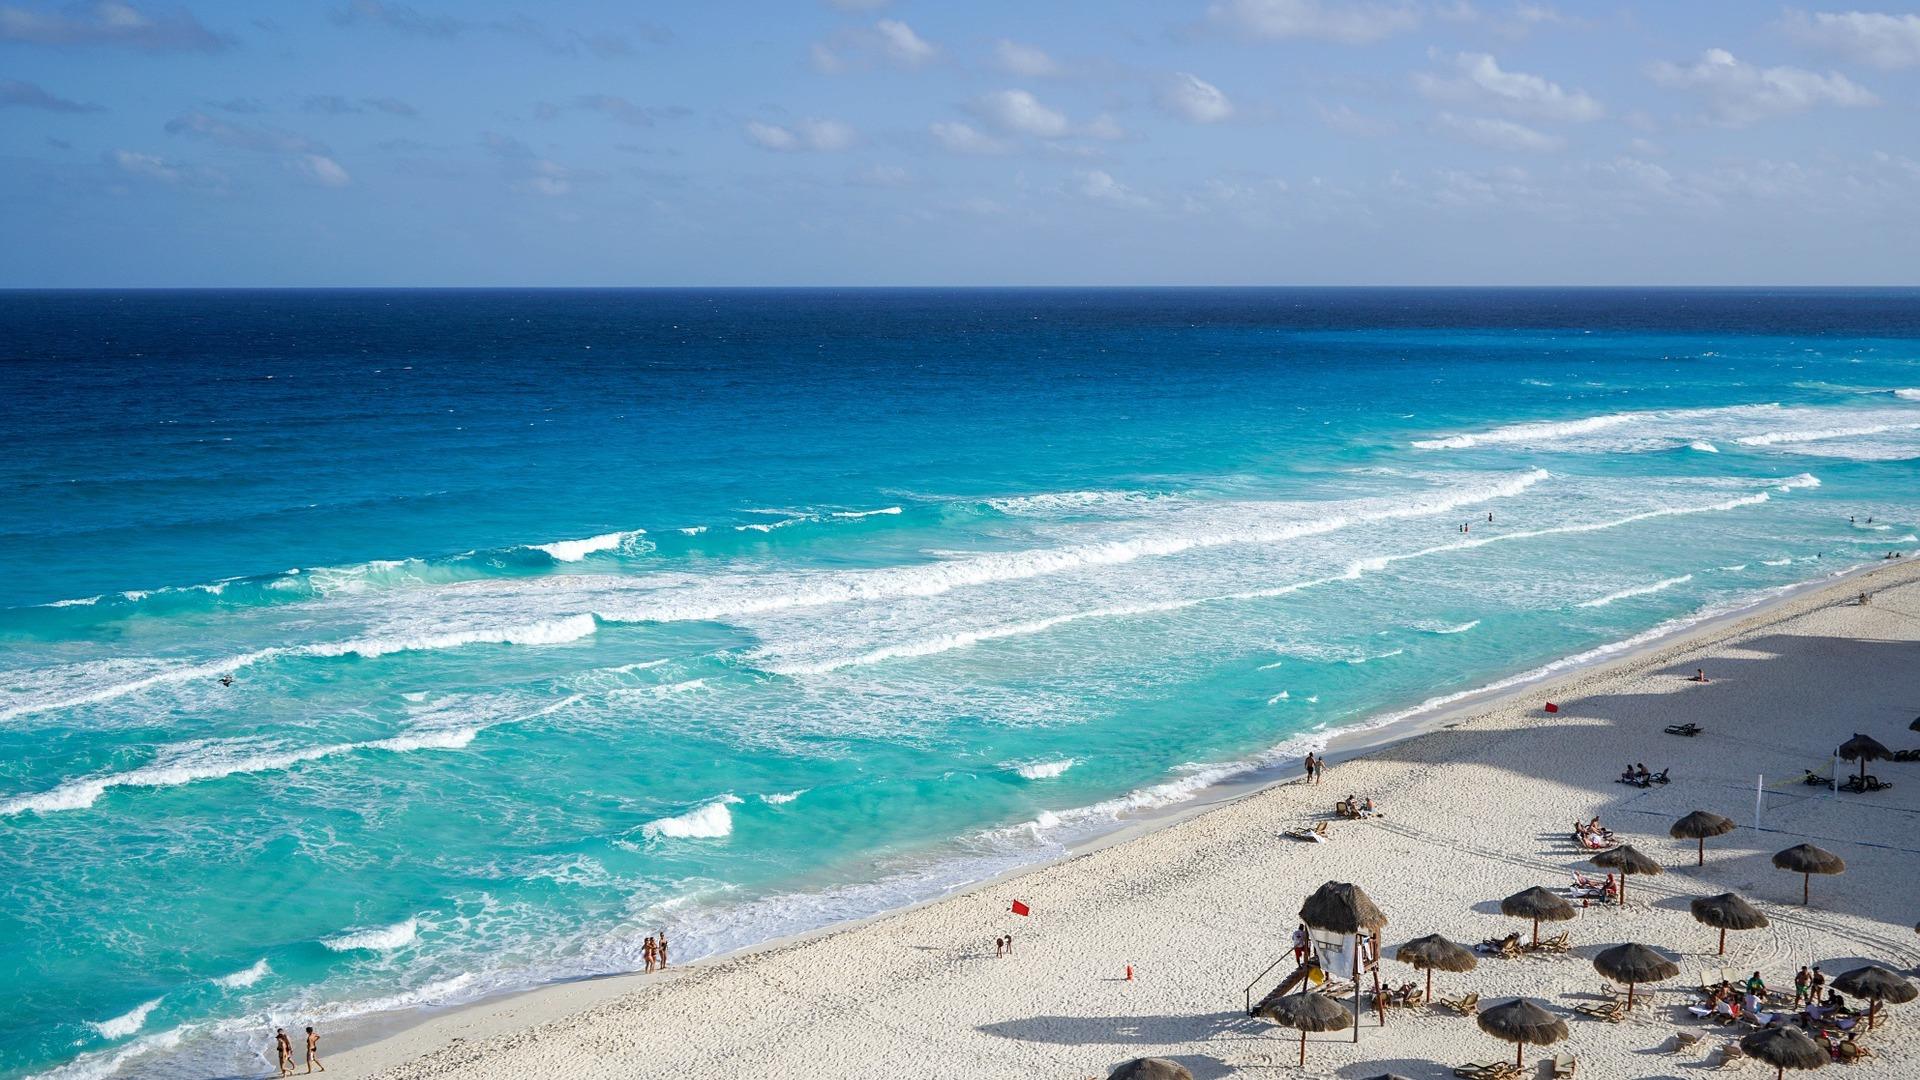 Levné letenky posvětě: Mexiko za 9490 Kč, Abu Dhabi od 1558 Kč, Kuba zPrahy za 12990Kč